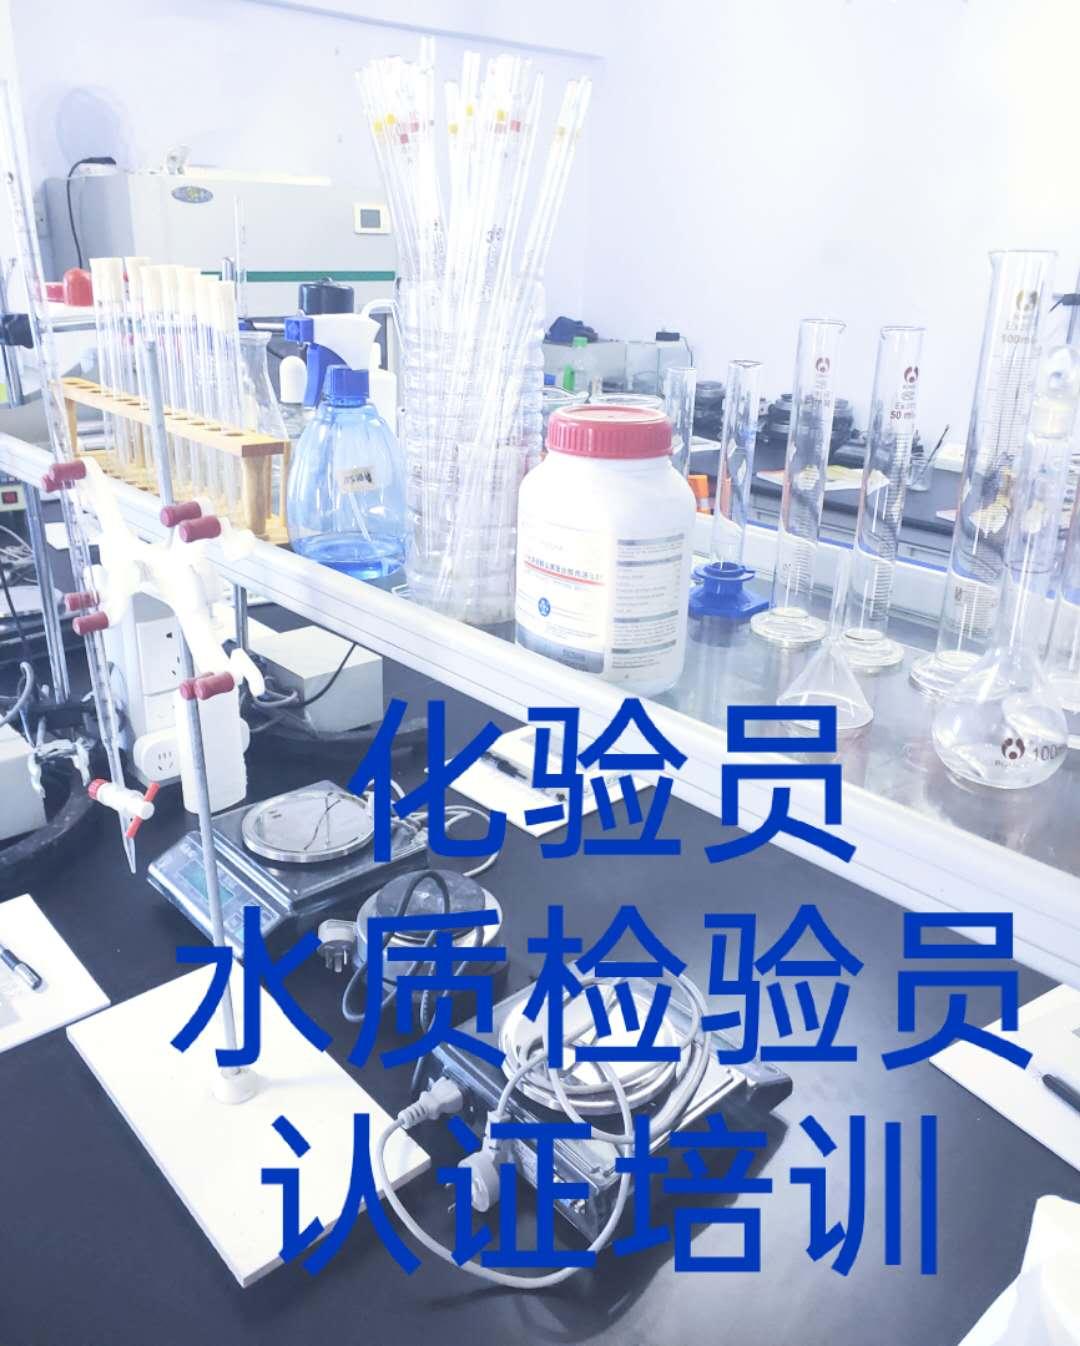 淮南六安芜湖合肥水质检验员化验员考证培训